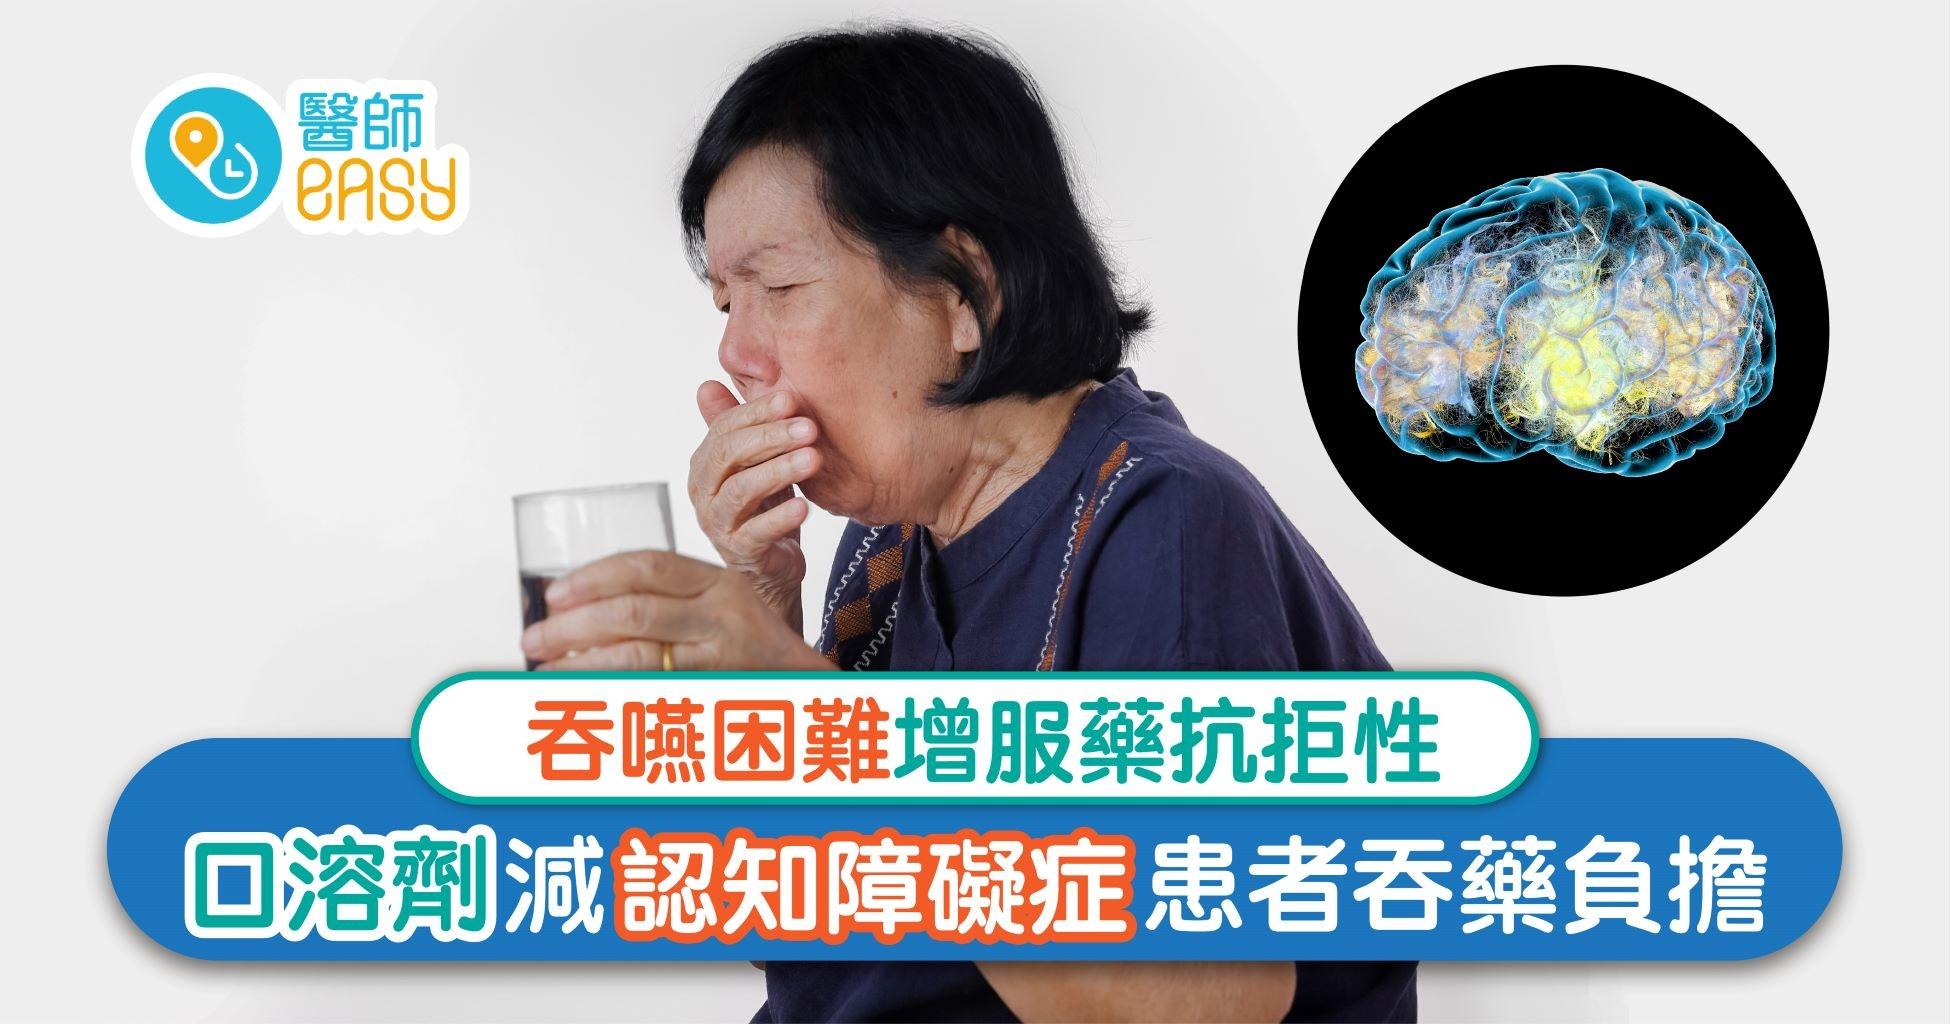 認知障礙症患者吃藥成苦差 口溶劑減吞嚥負擔助治療持續